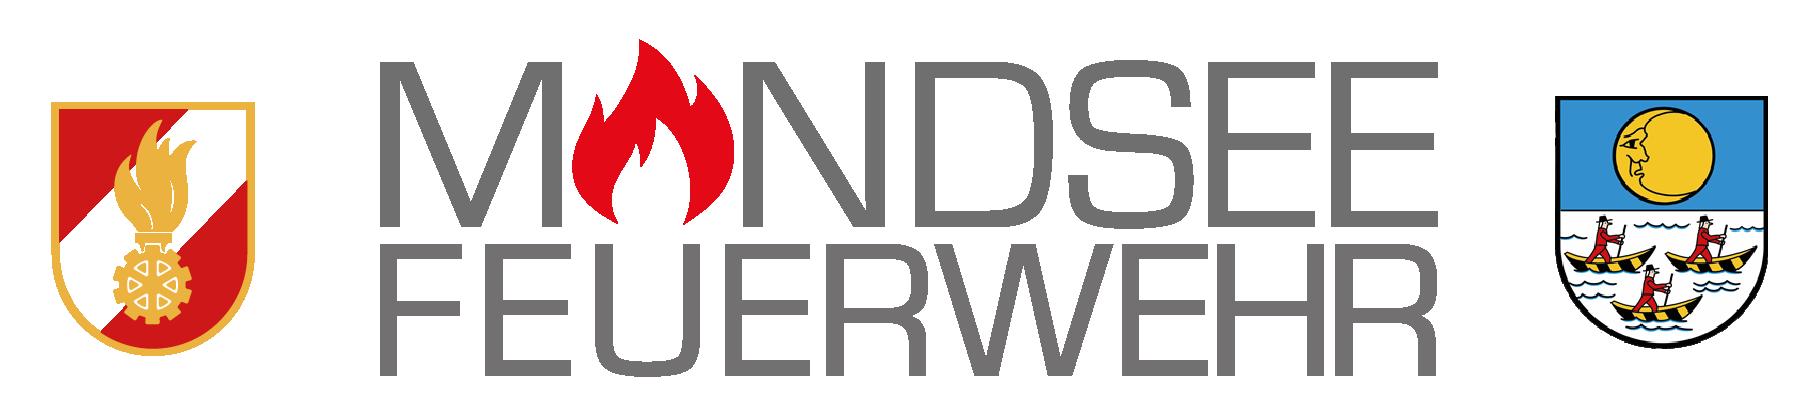 Logo Feuerwehr Mondsee